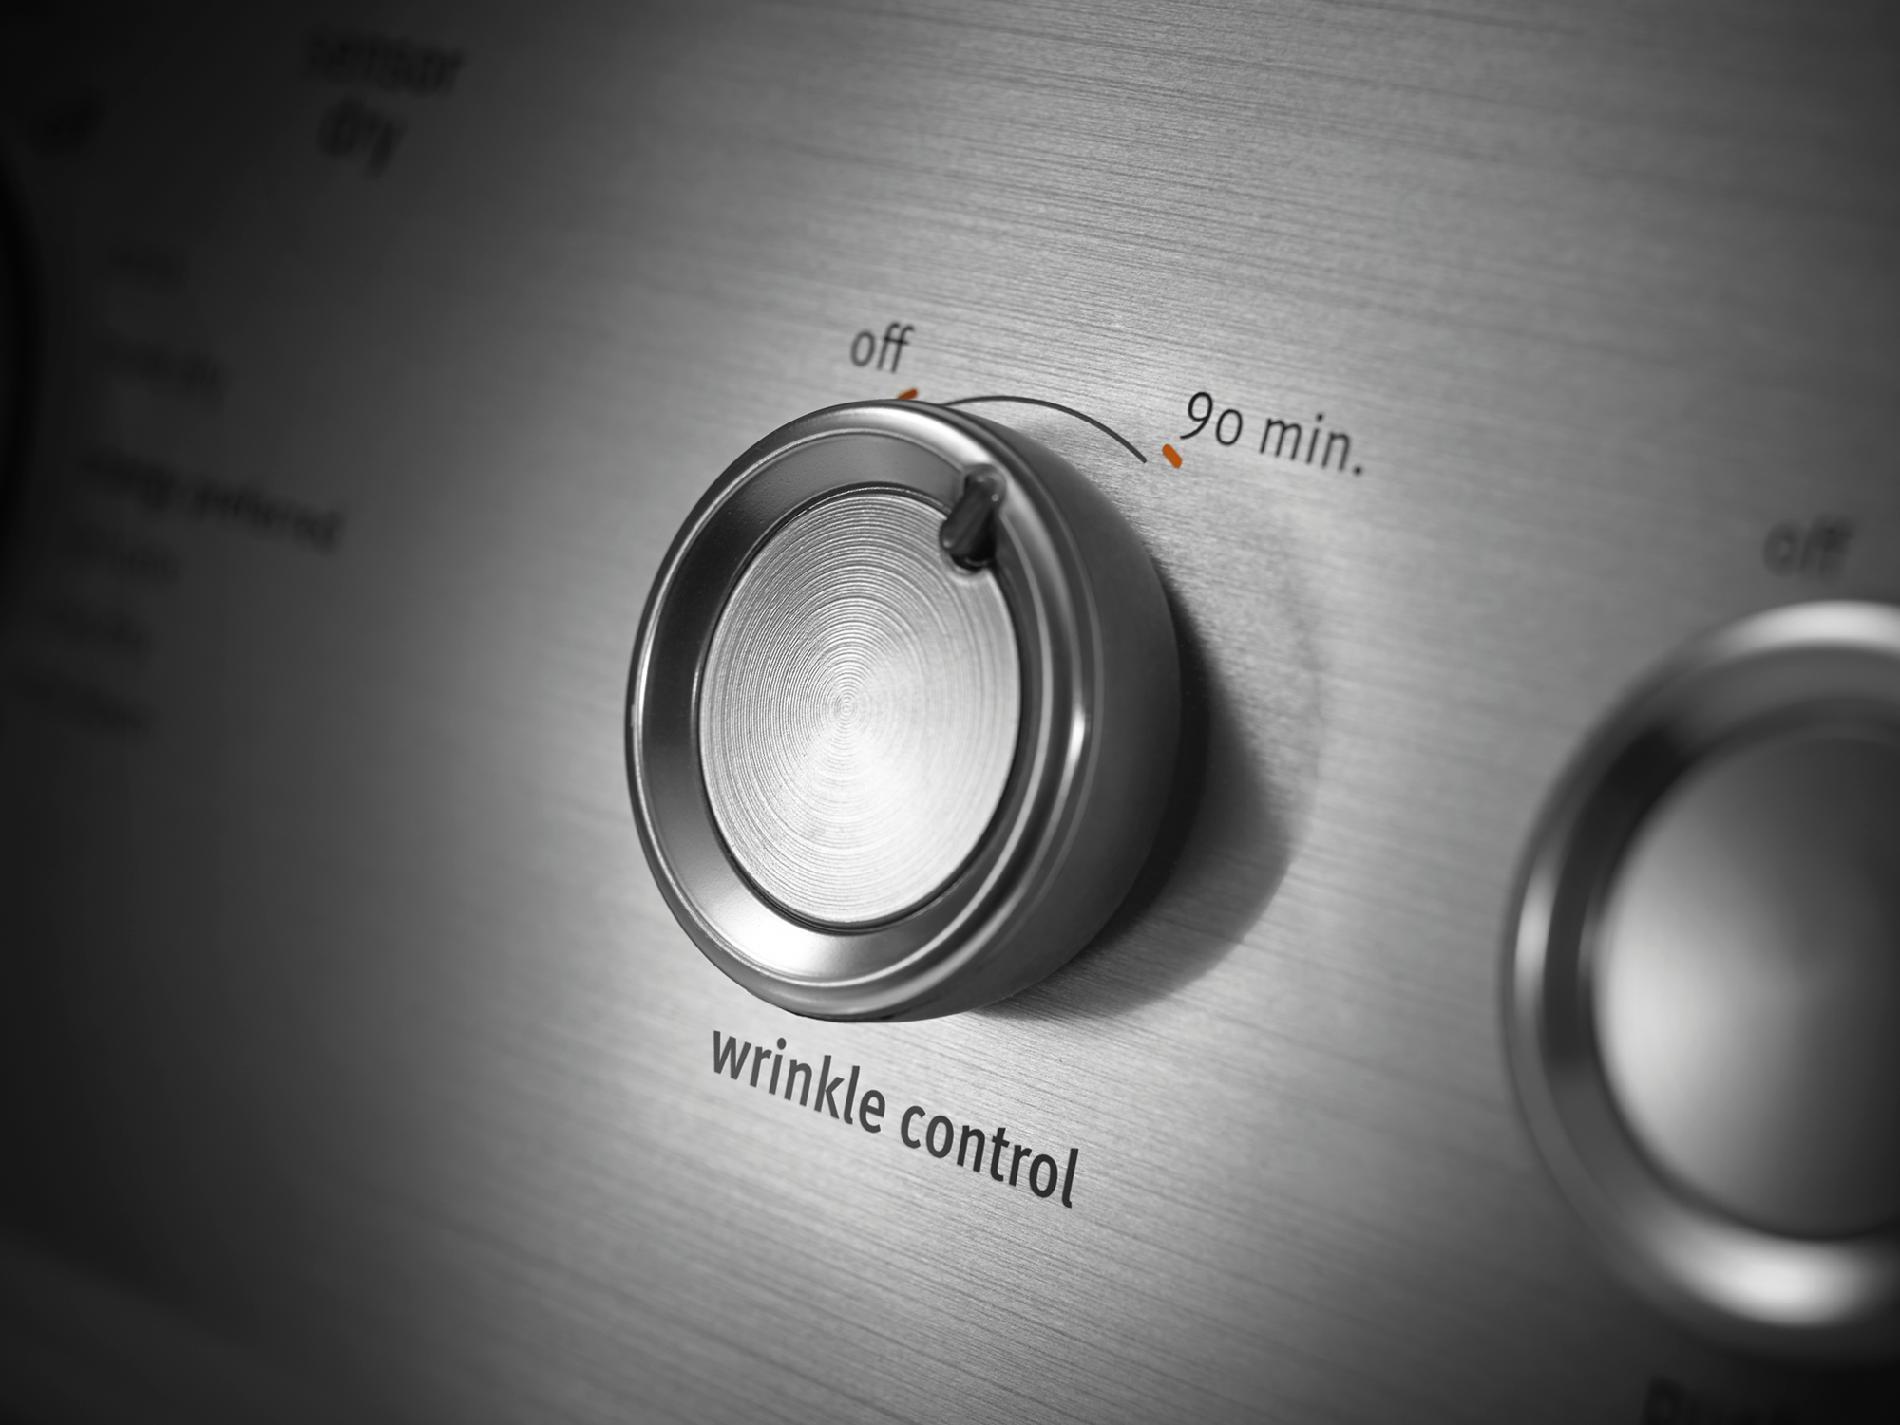 Maytag 7.0 cu. ft. Centennial® Gas Dryer w/ Wrinkle Control - White